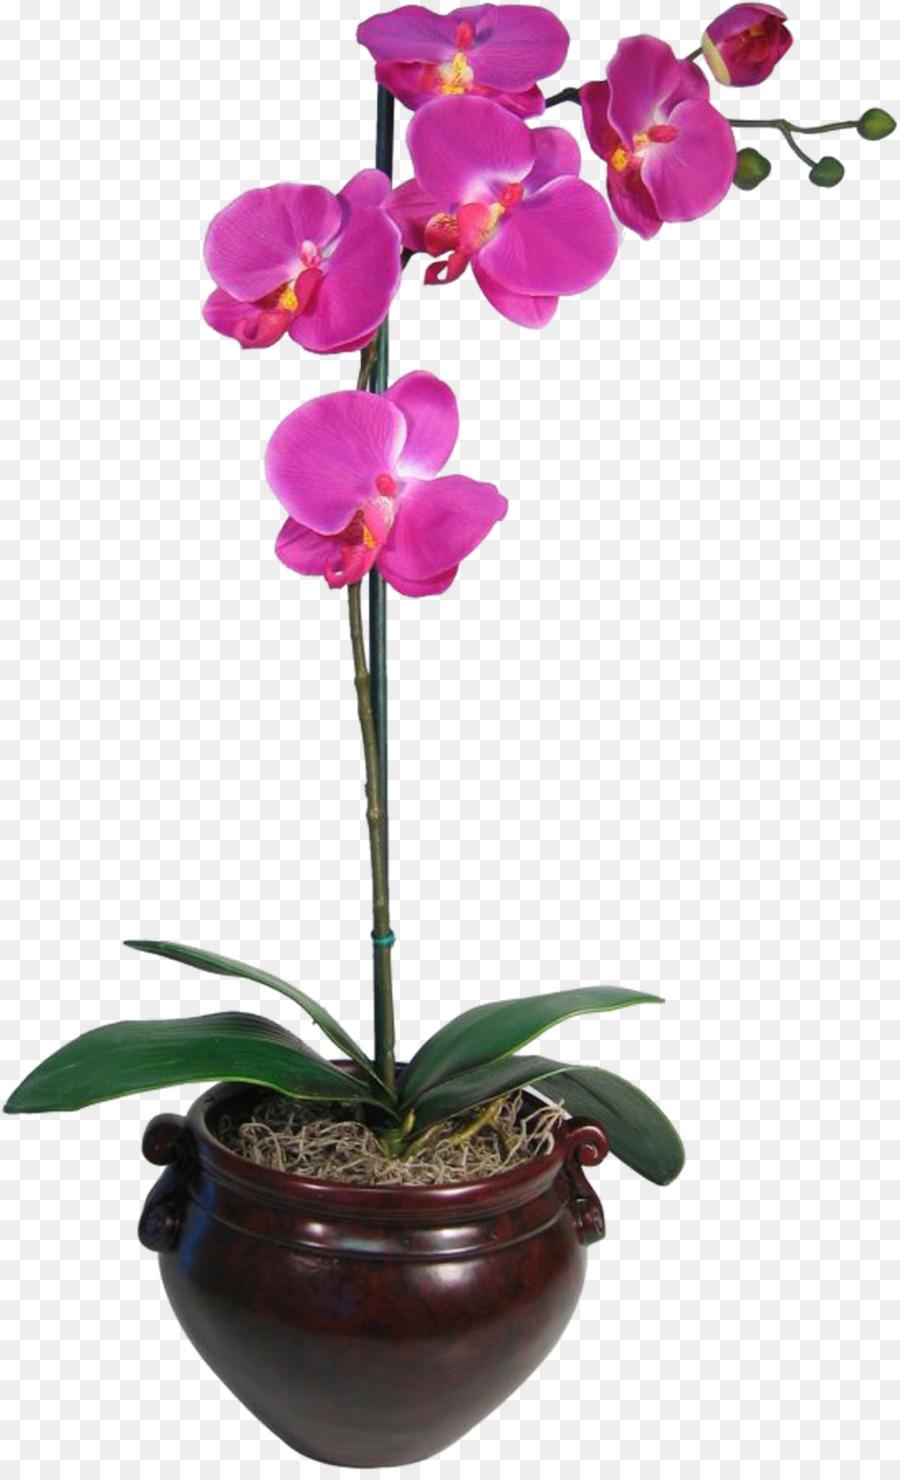 Descarga gratuita de Las Orquídeas, La Polilla De Las Orquídeas, Flor imágenes PNG